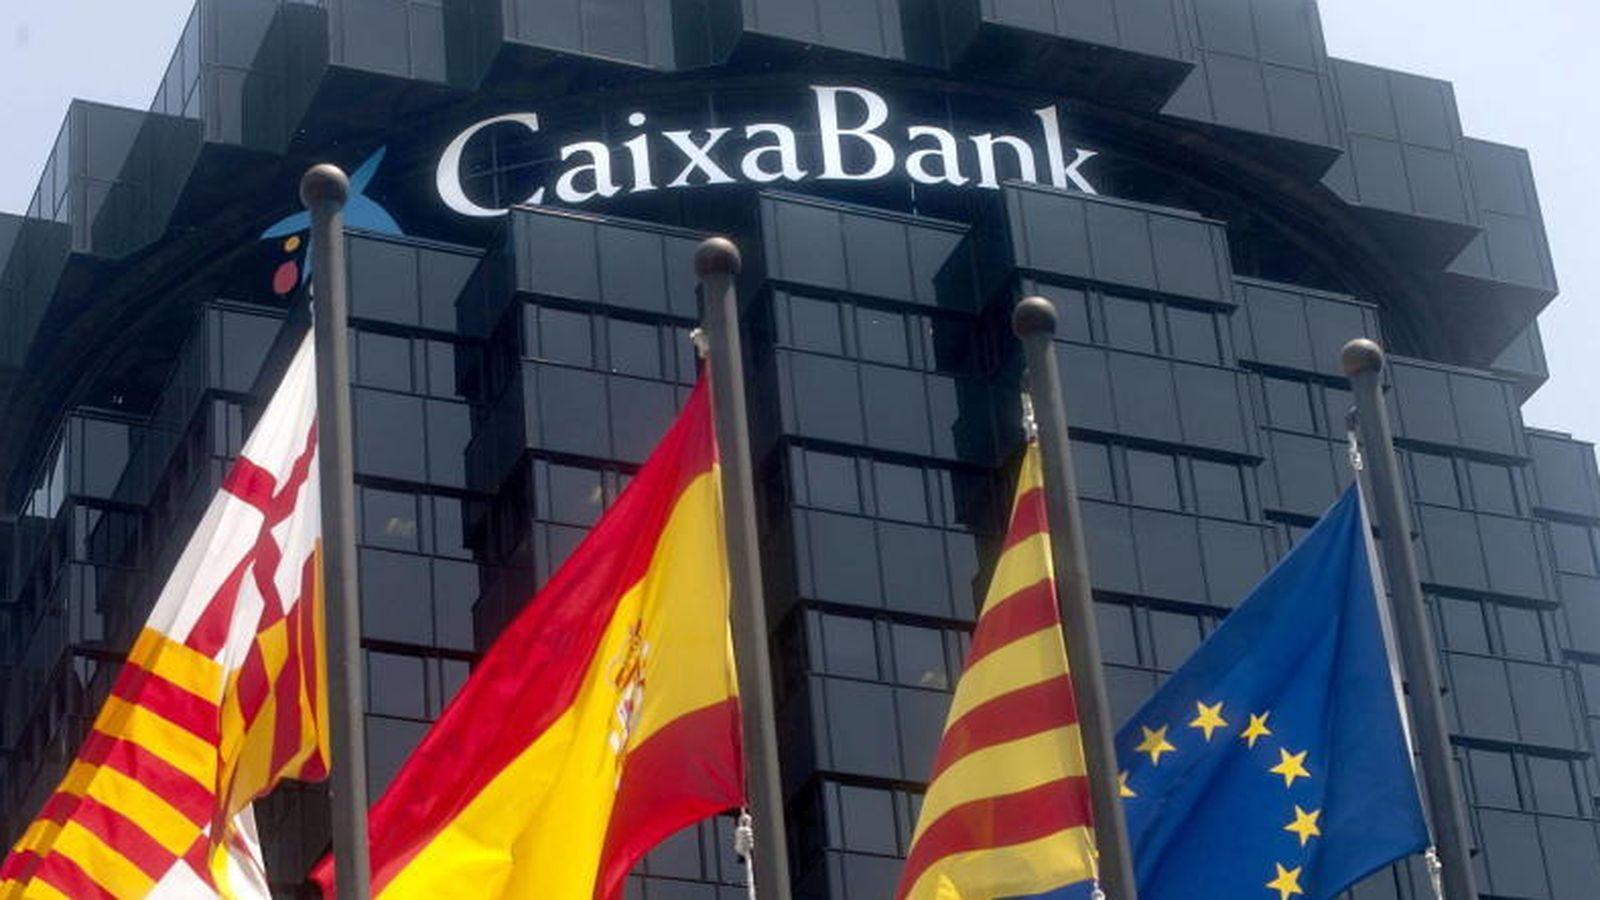 Bancos espa oles caixabank y la fundaci n bancaria la for La caixa oficina internet